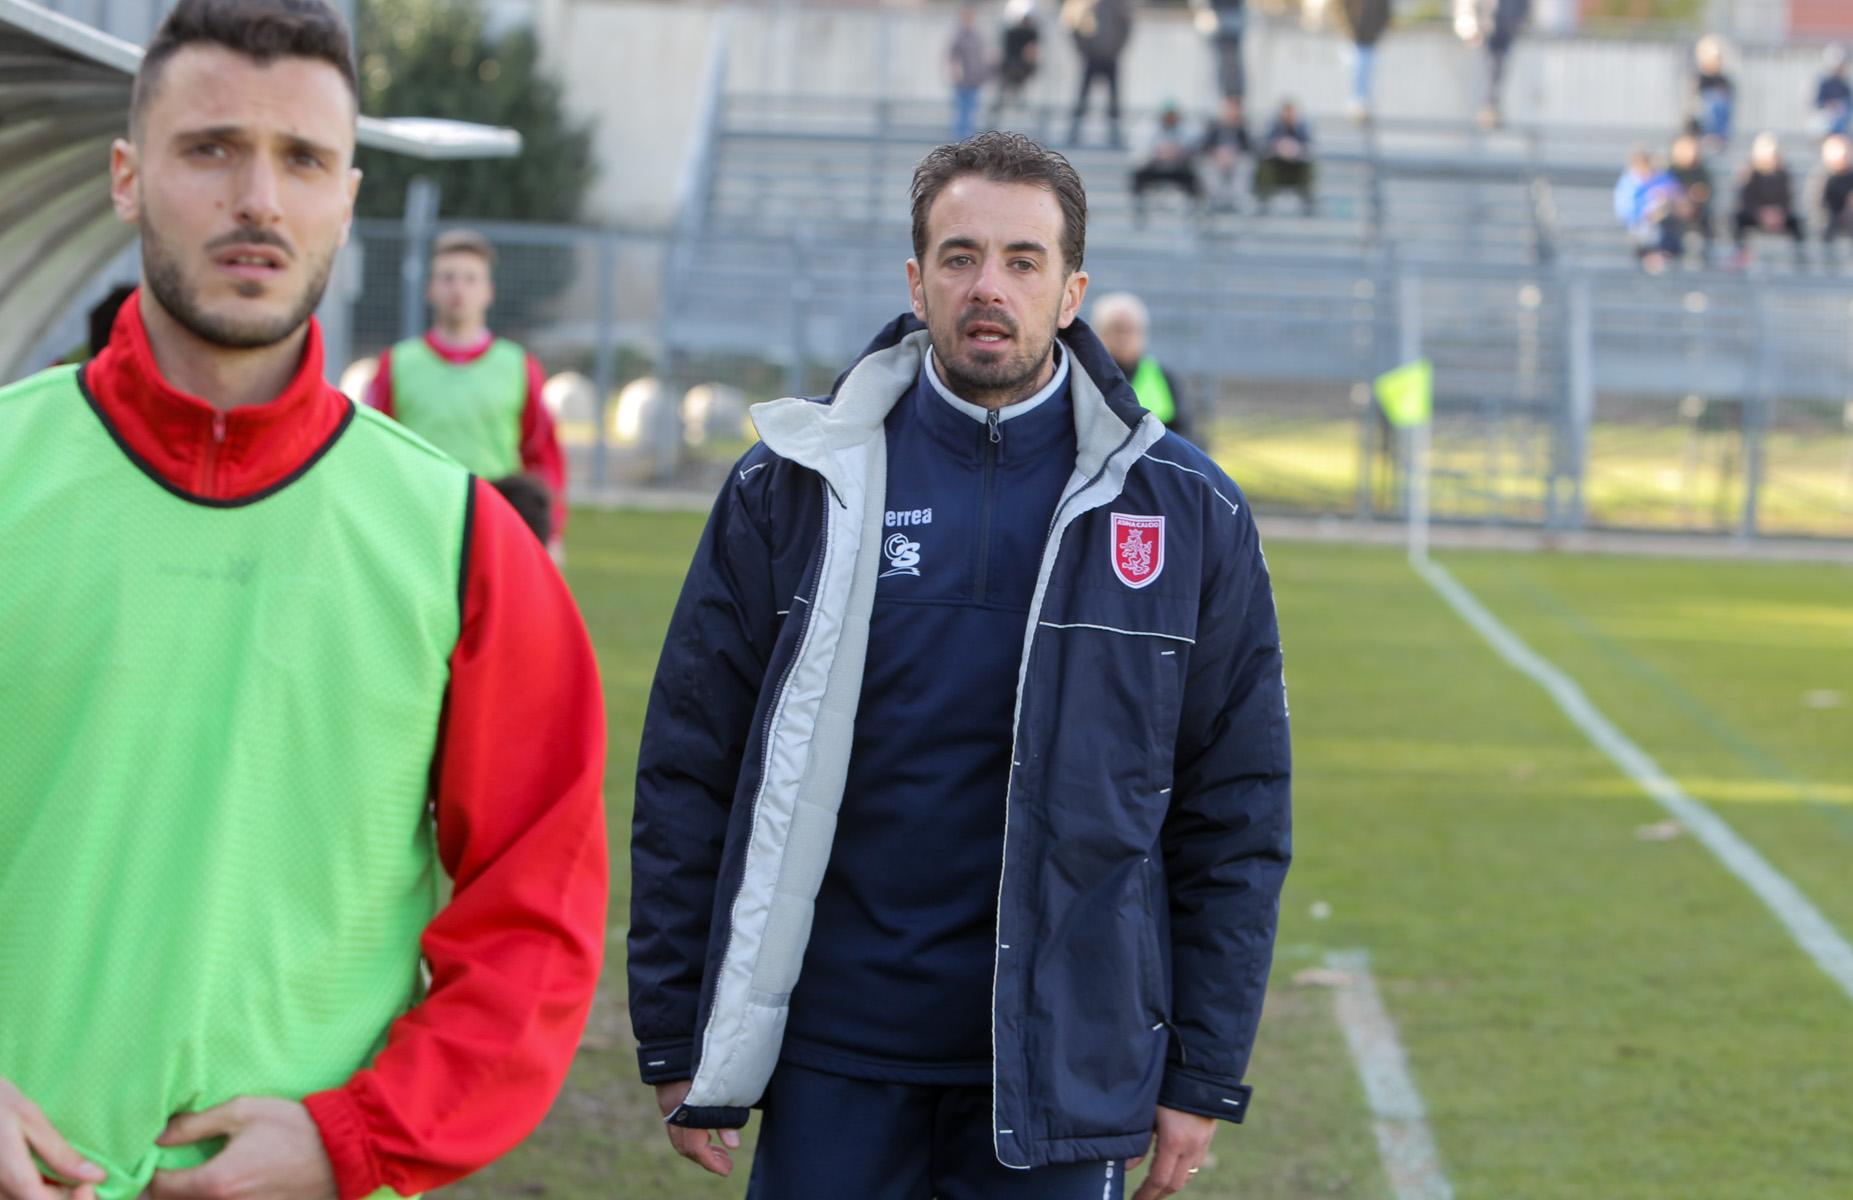 http://www.centropagina.it/wp-content/uploads/2017/02/Pag-Jesina-Sammaurese-Bugari-allenatore-della-Jesina-.jpg